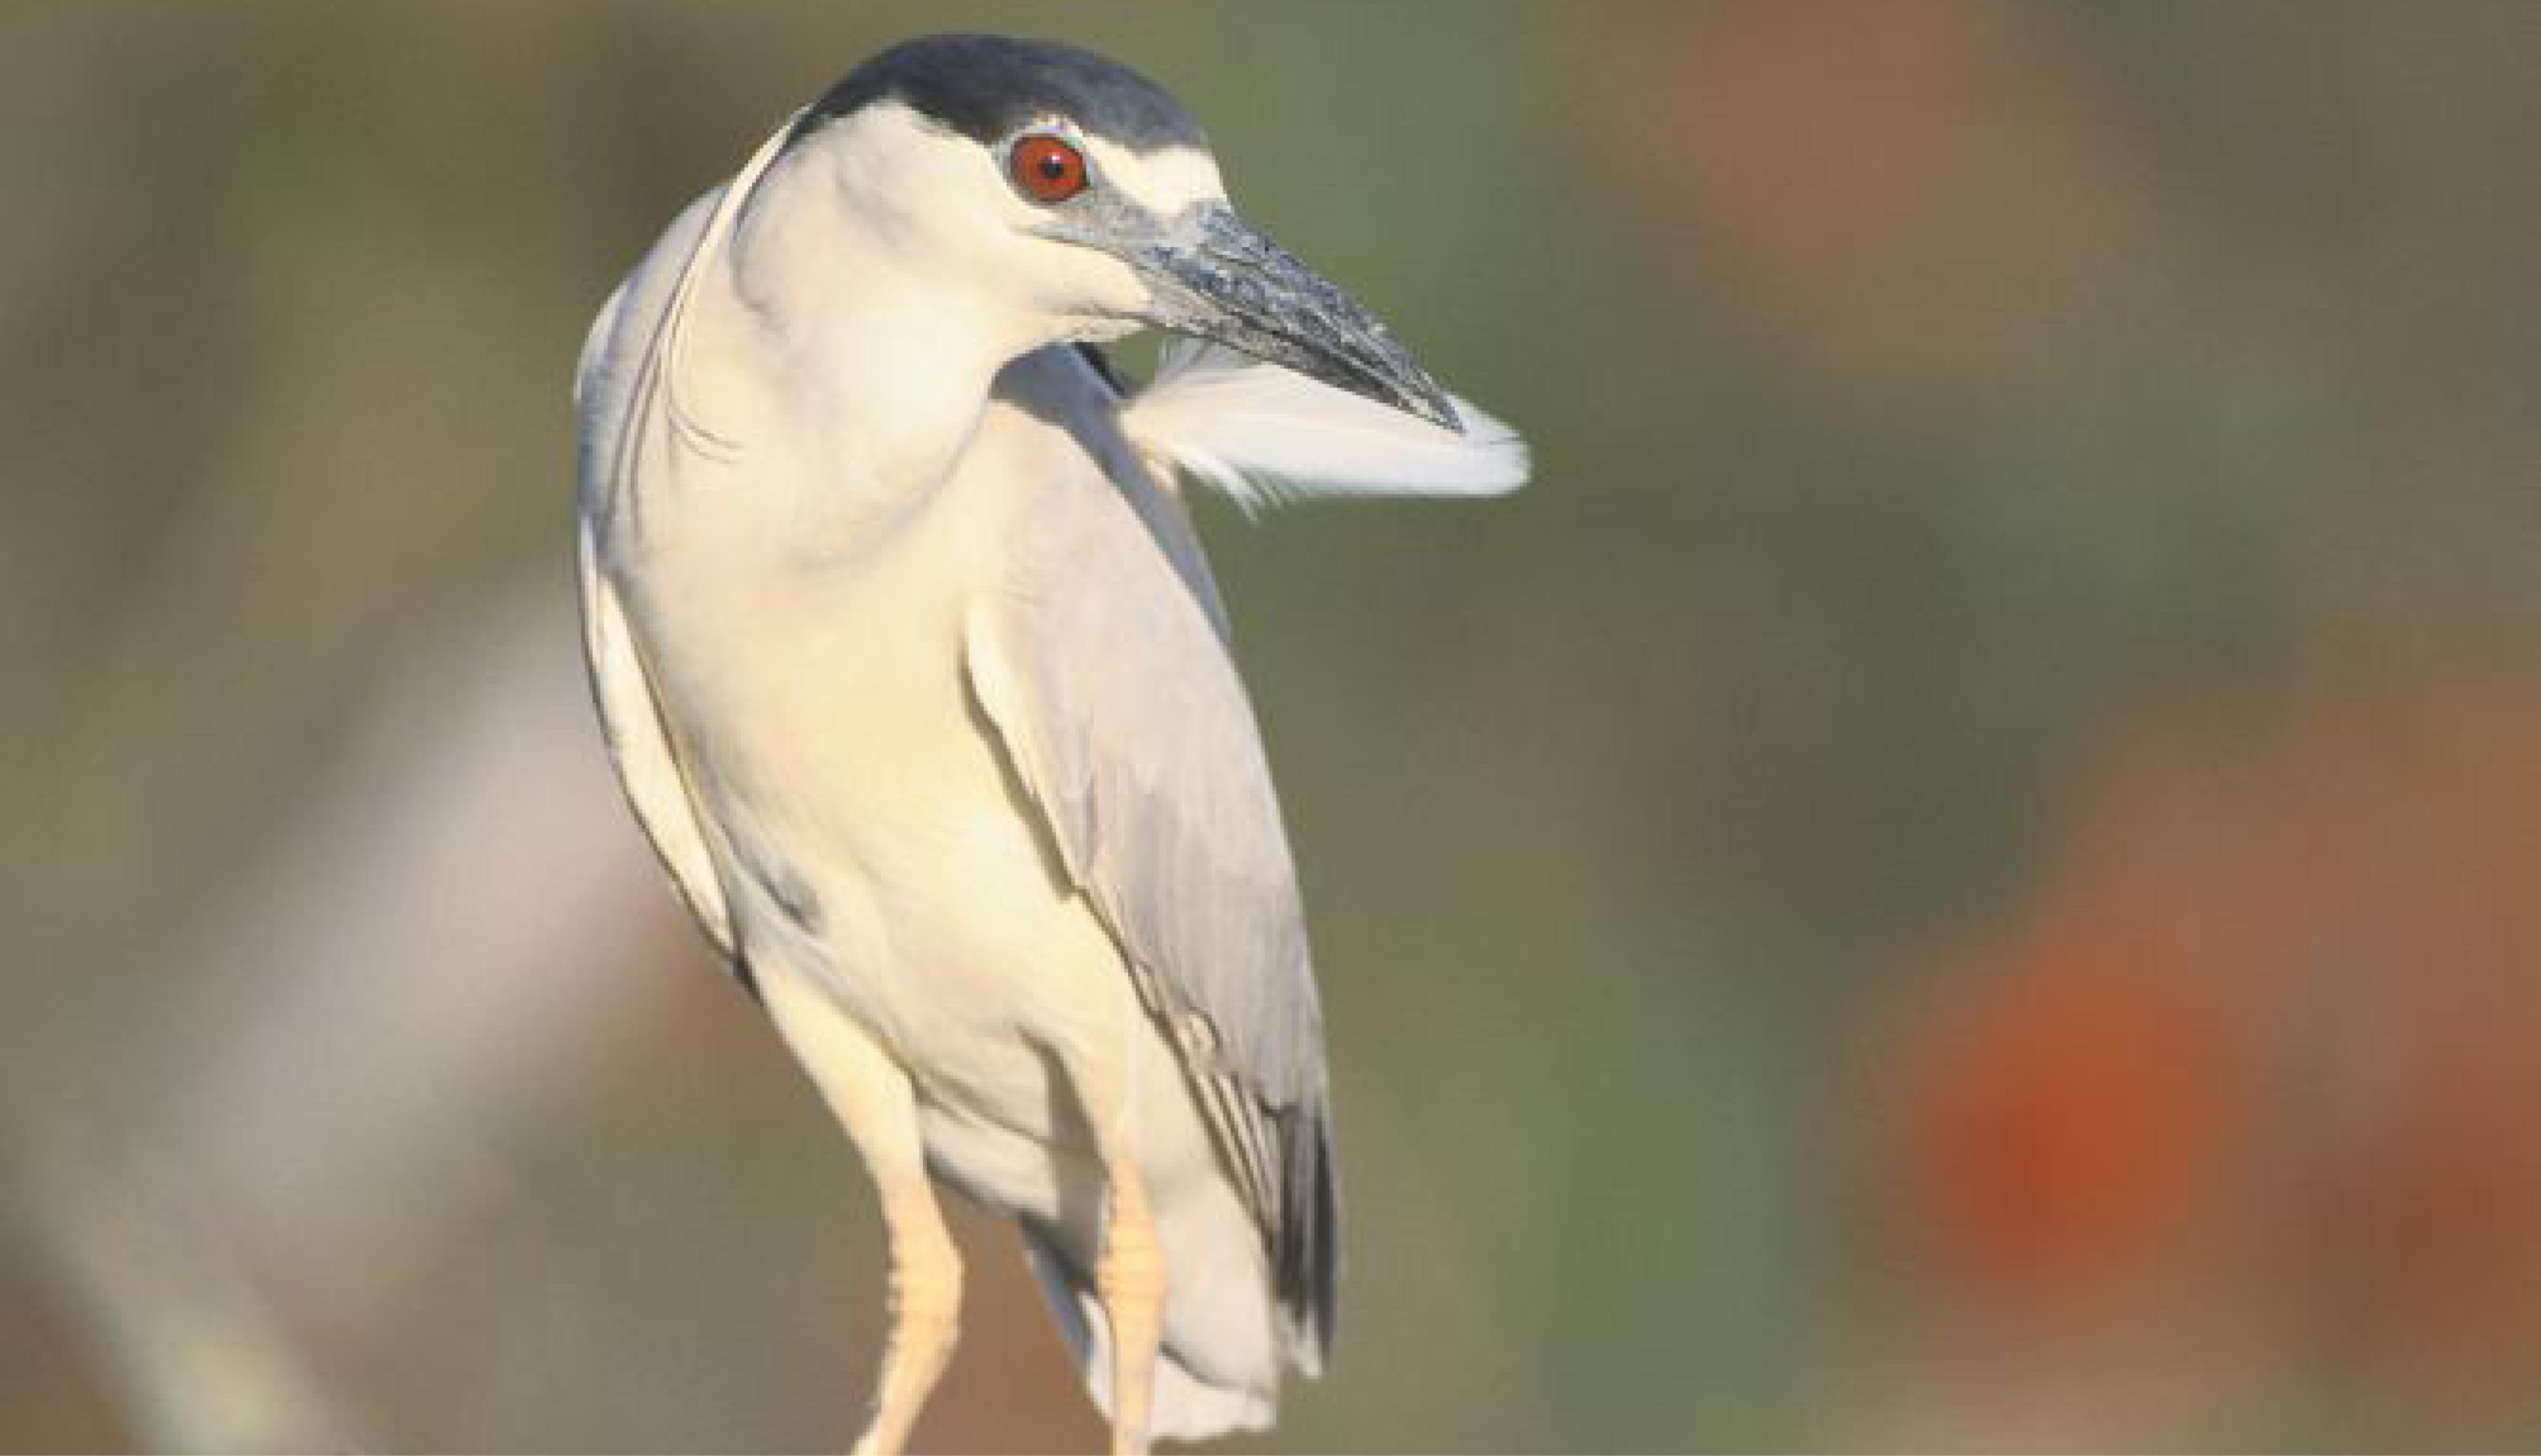 Faune Biodiversité Grand Site Salagou Bihoreau gris © Roger Le Guen